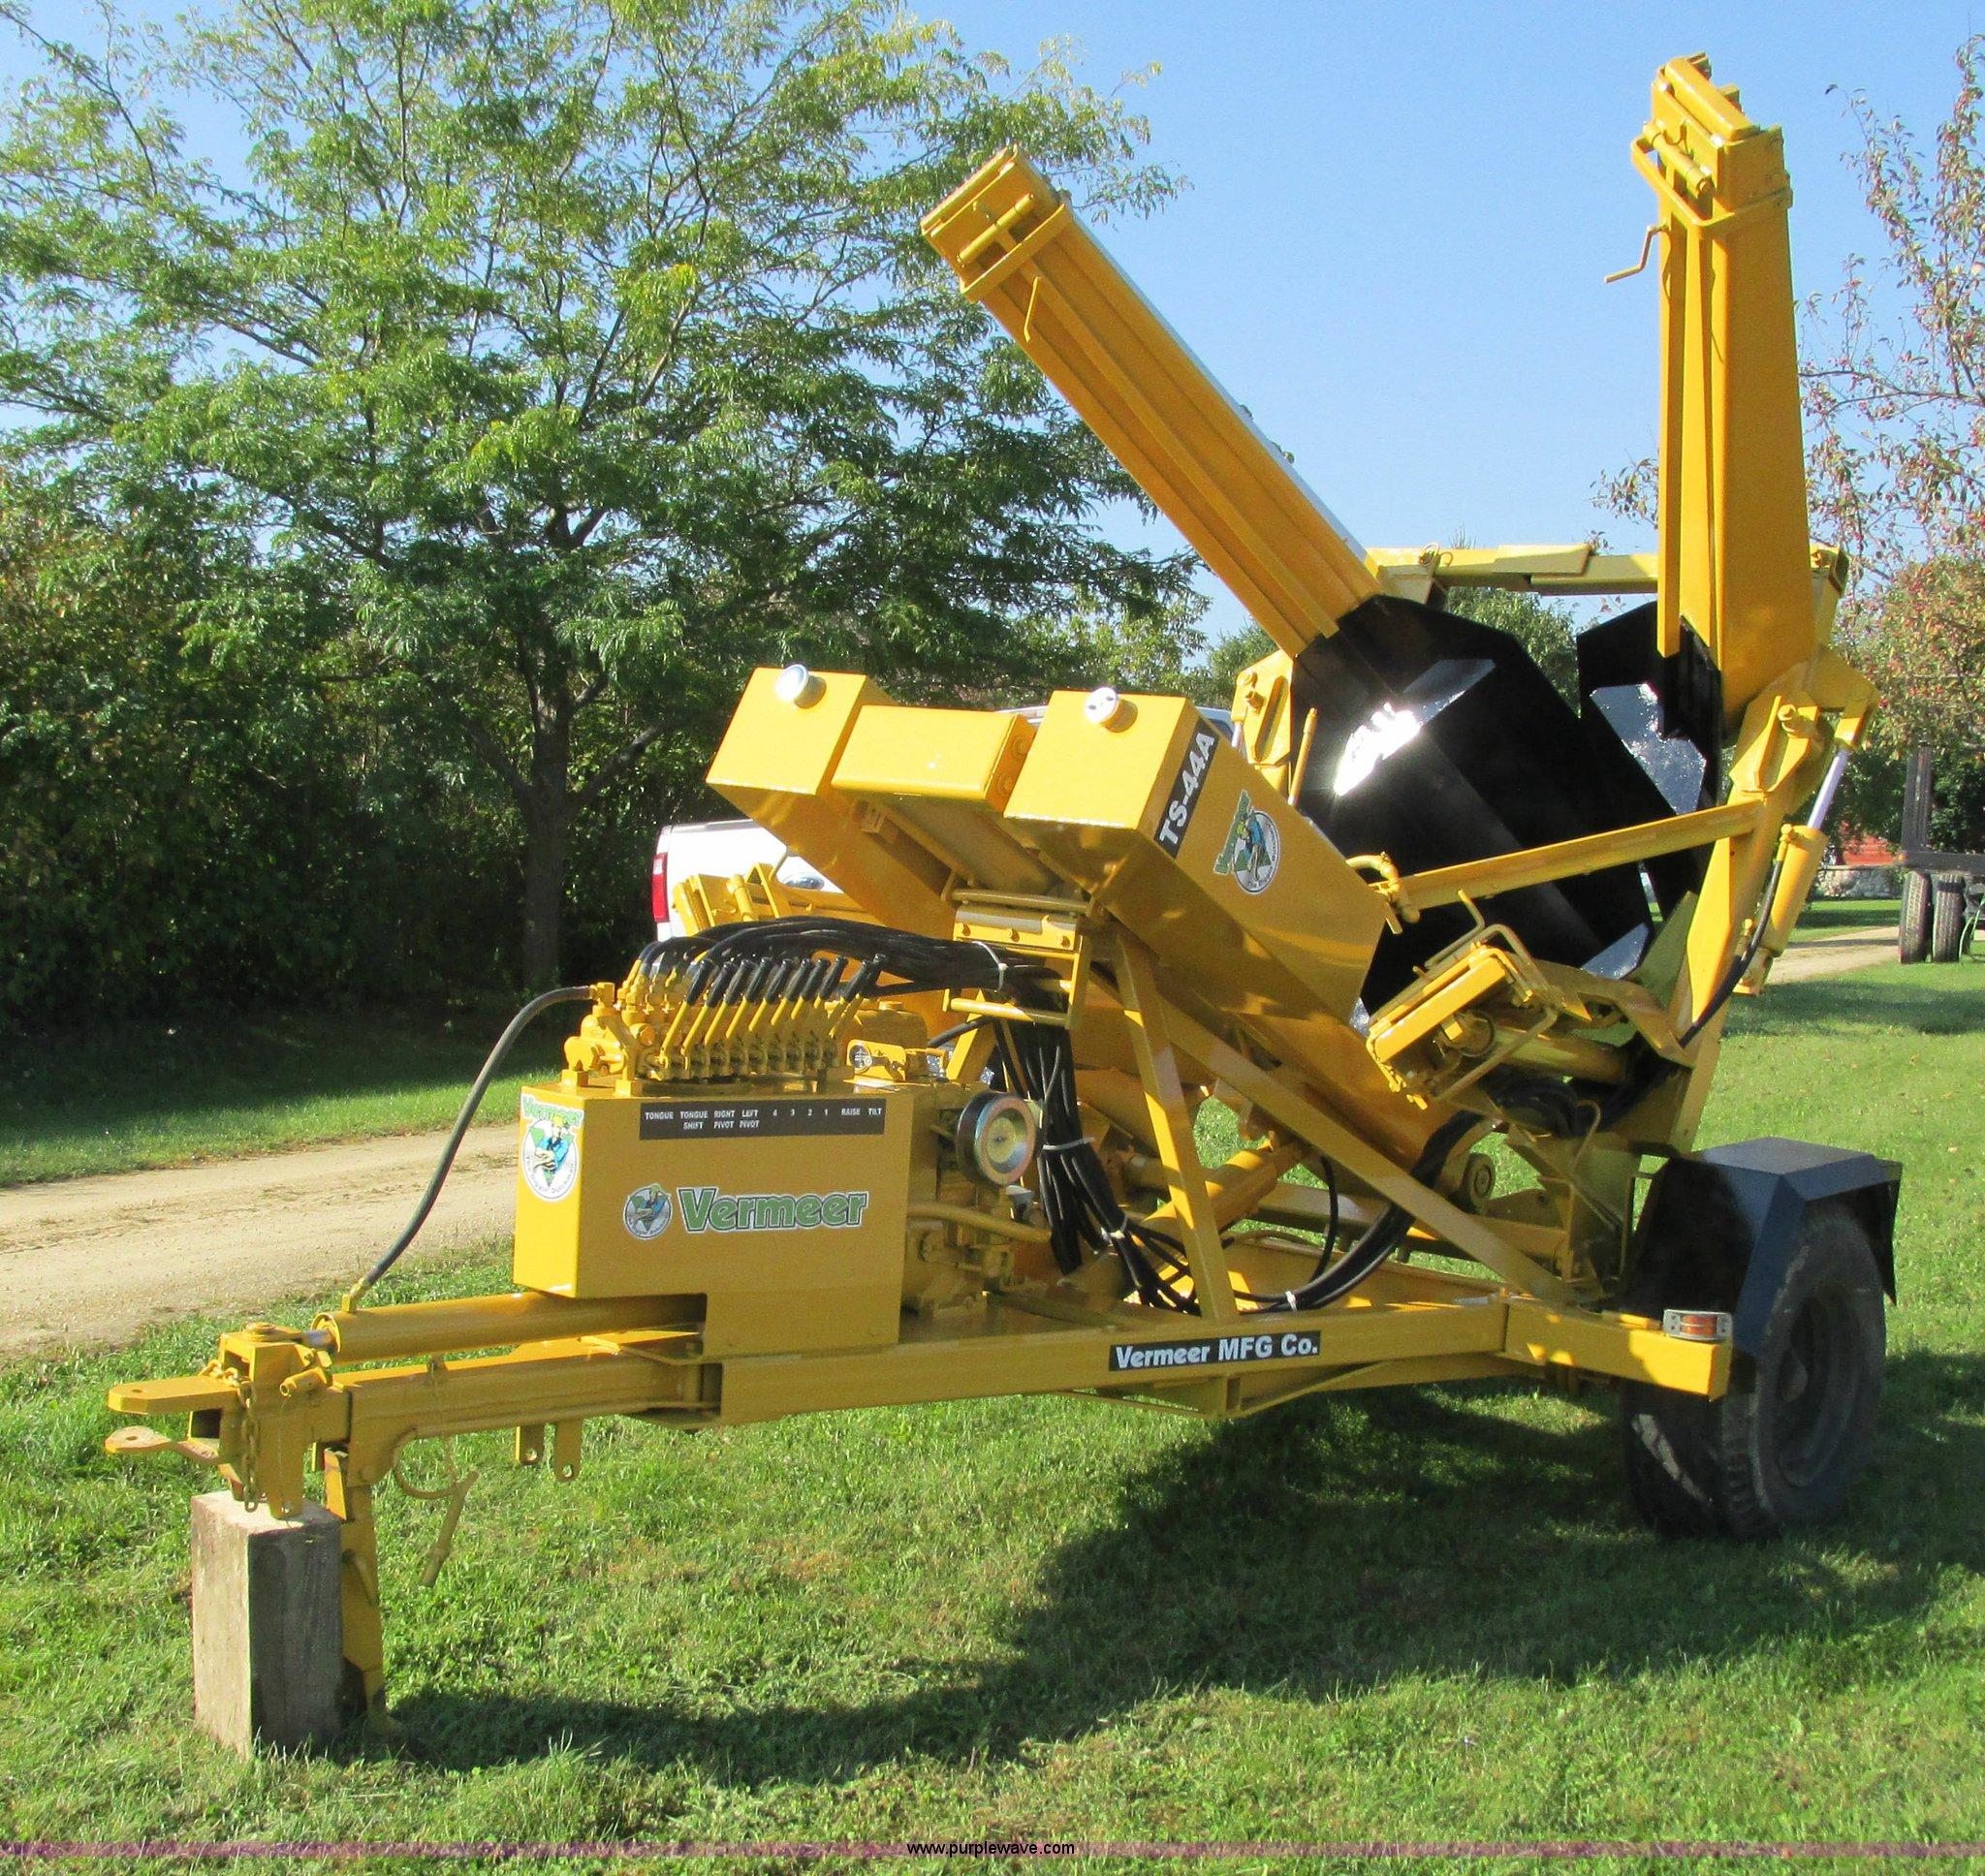 Vermeer TS-44A tree spade | Item I3826 | SOLD! October 23 Co